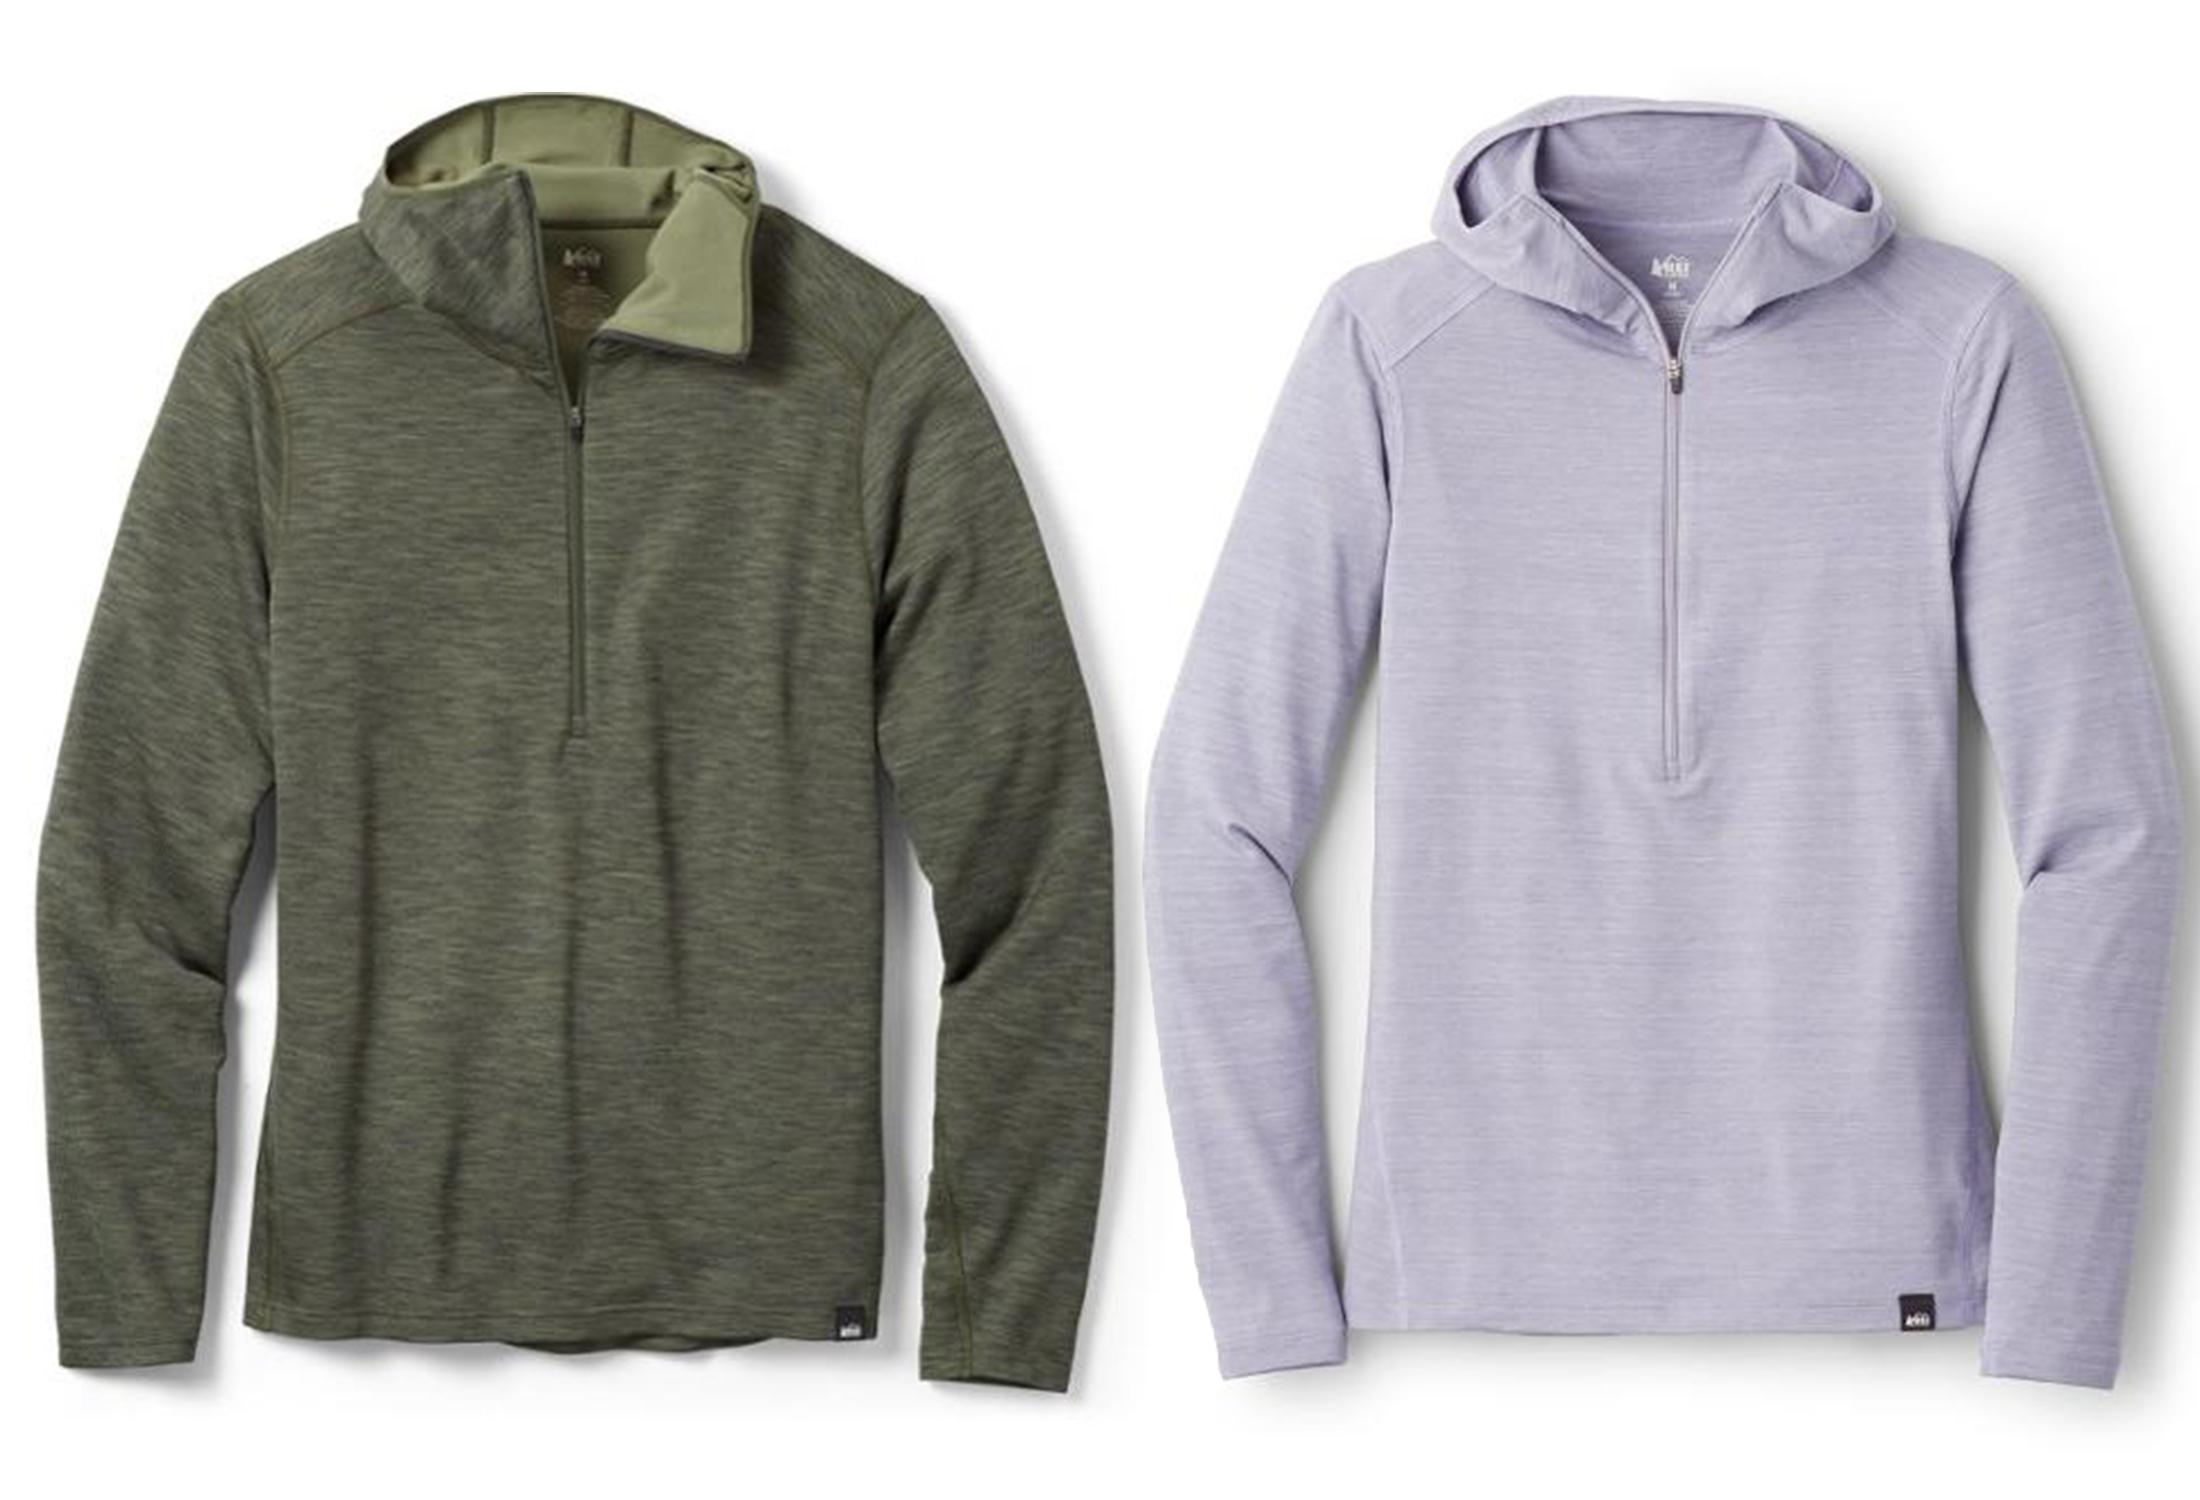 REI Co-op Base Layer hoodie